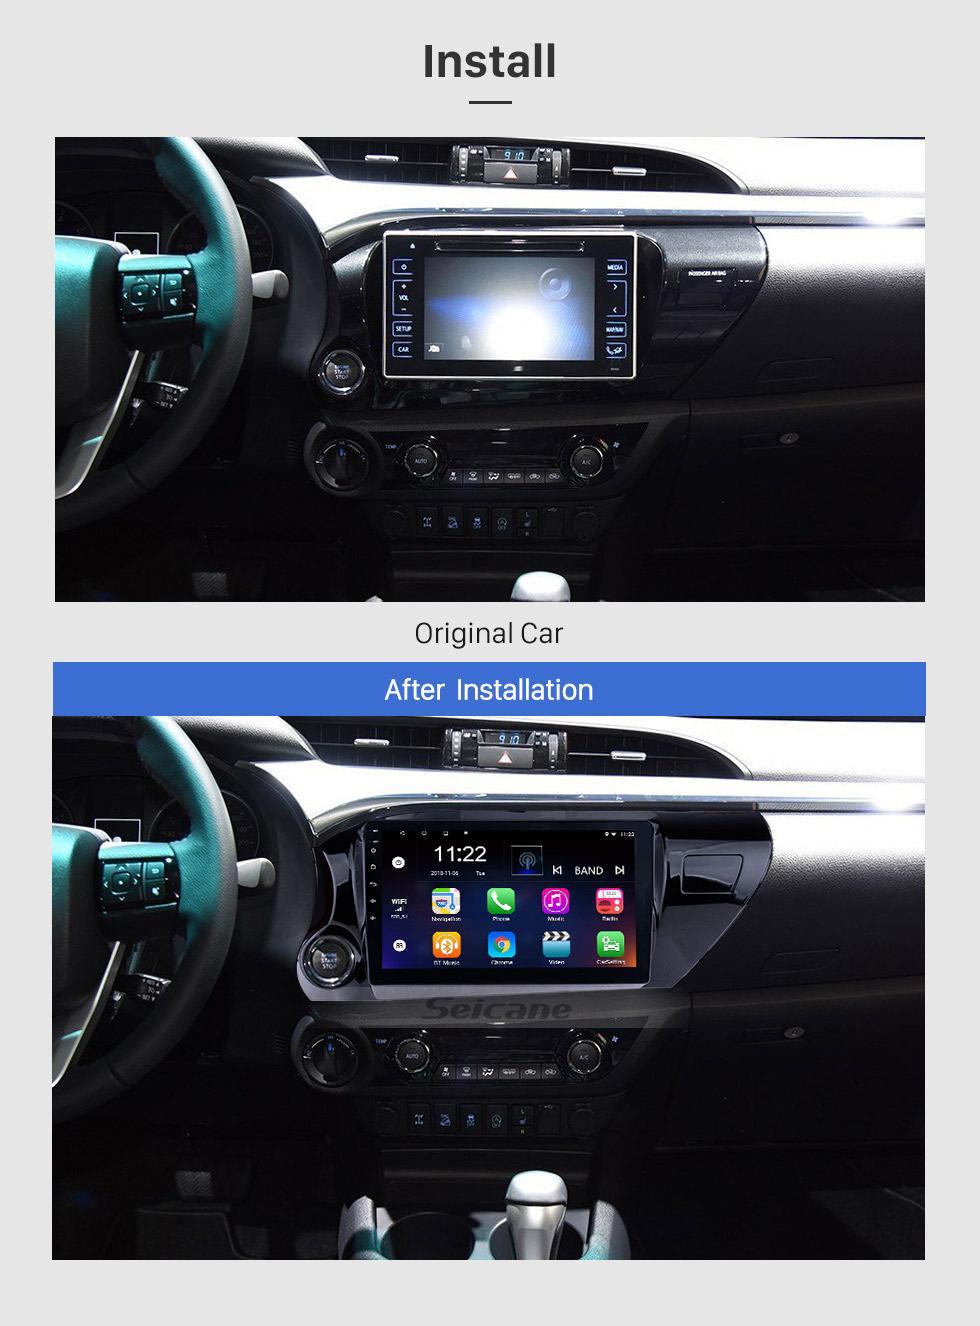 Seicane 10,1-дюймовый сенсорный экран Android 8.1 HD с радиоуправлением для 2016 2017 2018 TOYOTA HILUX Драйвер левой руки с Bluetooth GPS Navi система USB FM Поддержка управления на руле DVR Камера заднего вида OBD